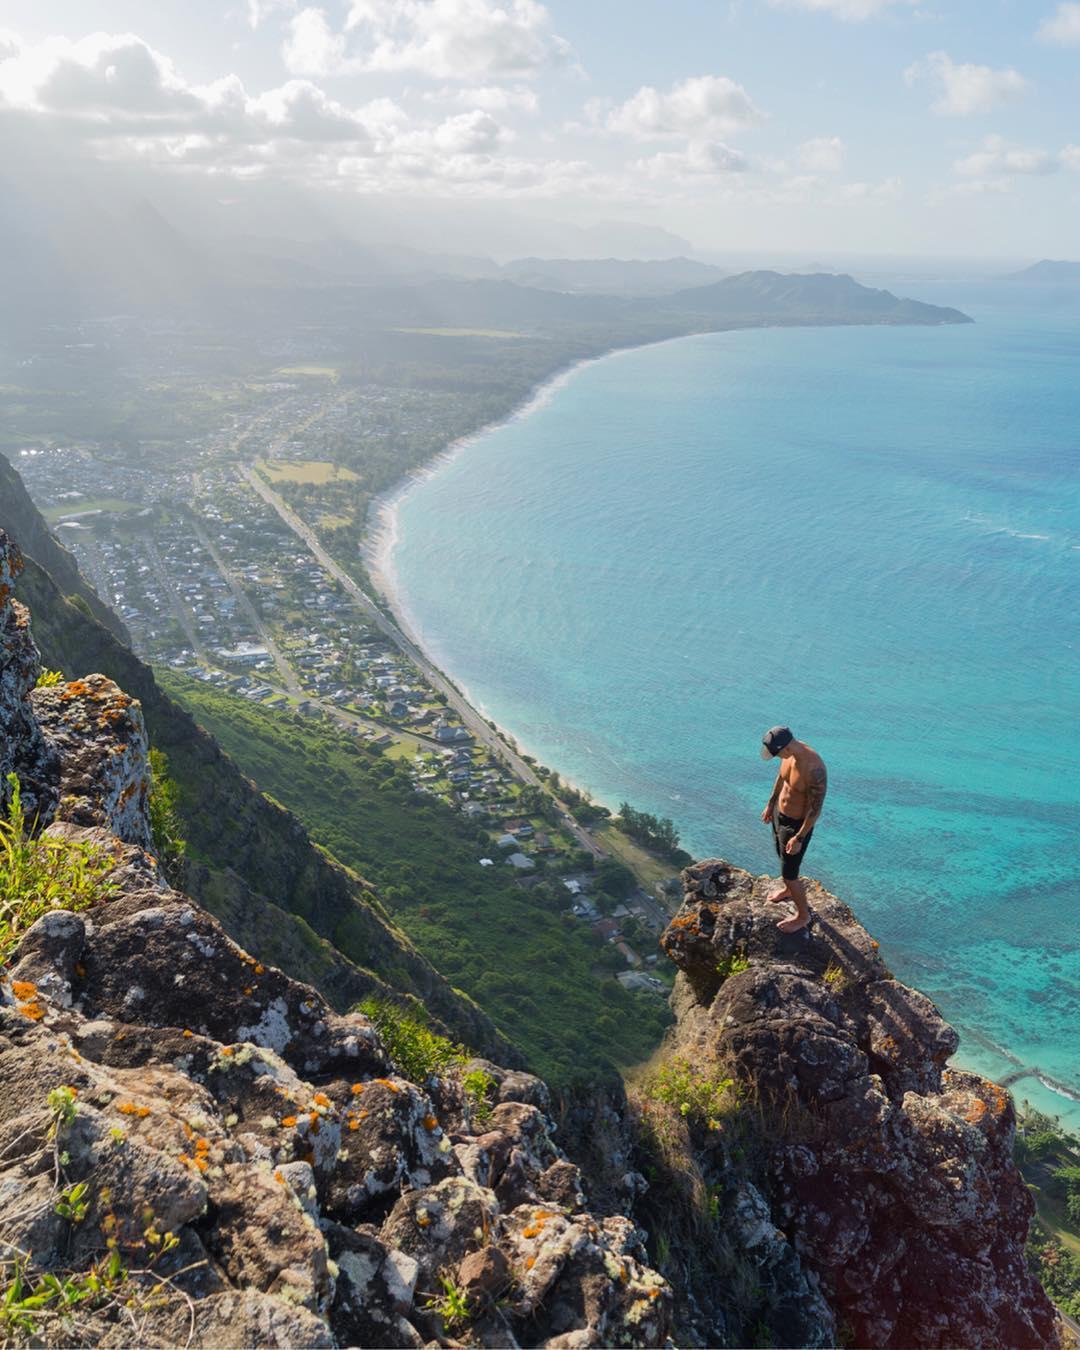 Oahu là đảo lớn thứ 3 thuộc quần đảo Hawaii, đồng thời là thành phố đông dân nhất tiểu bang Hawaii, Mỹ. Nó nổi tiếng với thủ phủ Honolulu - chốn ăn chơi hút dân du lịch khắp thế giới - hay bãi biển Wakiki, vịnh Hanauma hình móng ngựa và thiên nhiên trù phú. Ngoài lặn biển ra, leo núi cũng rất được yêu thích ở Oahu, nhất là chinh phục đỉnh Koolau ngắm nhìn khung cảnh tựa xứ thần tiên.